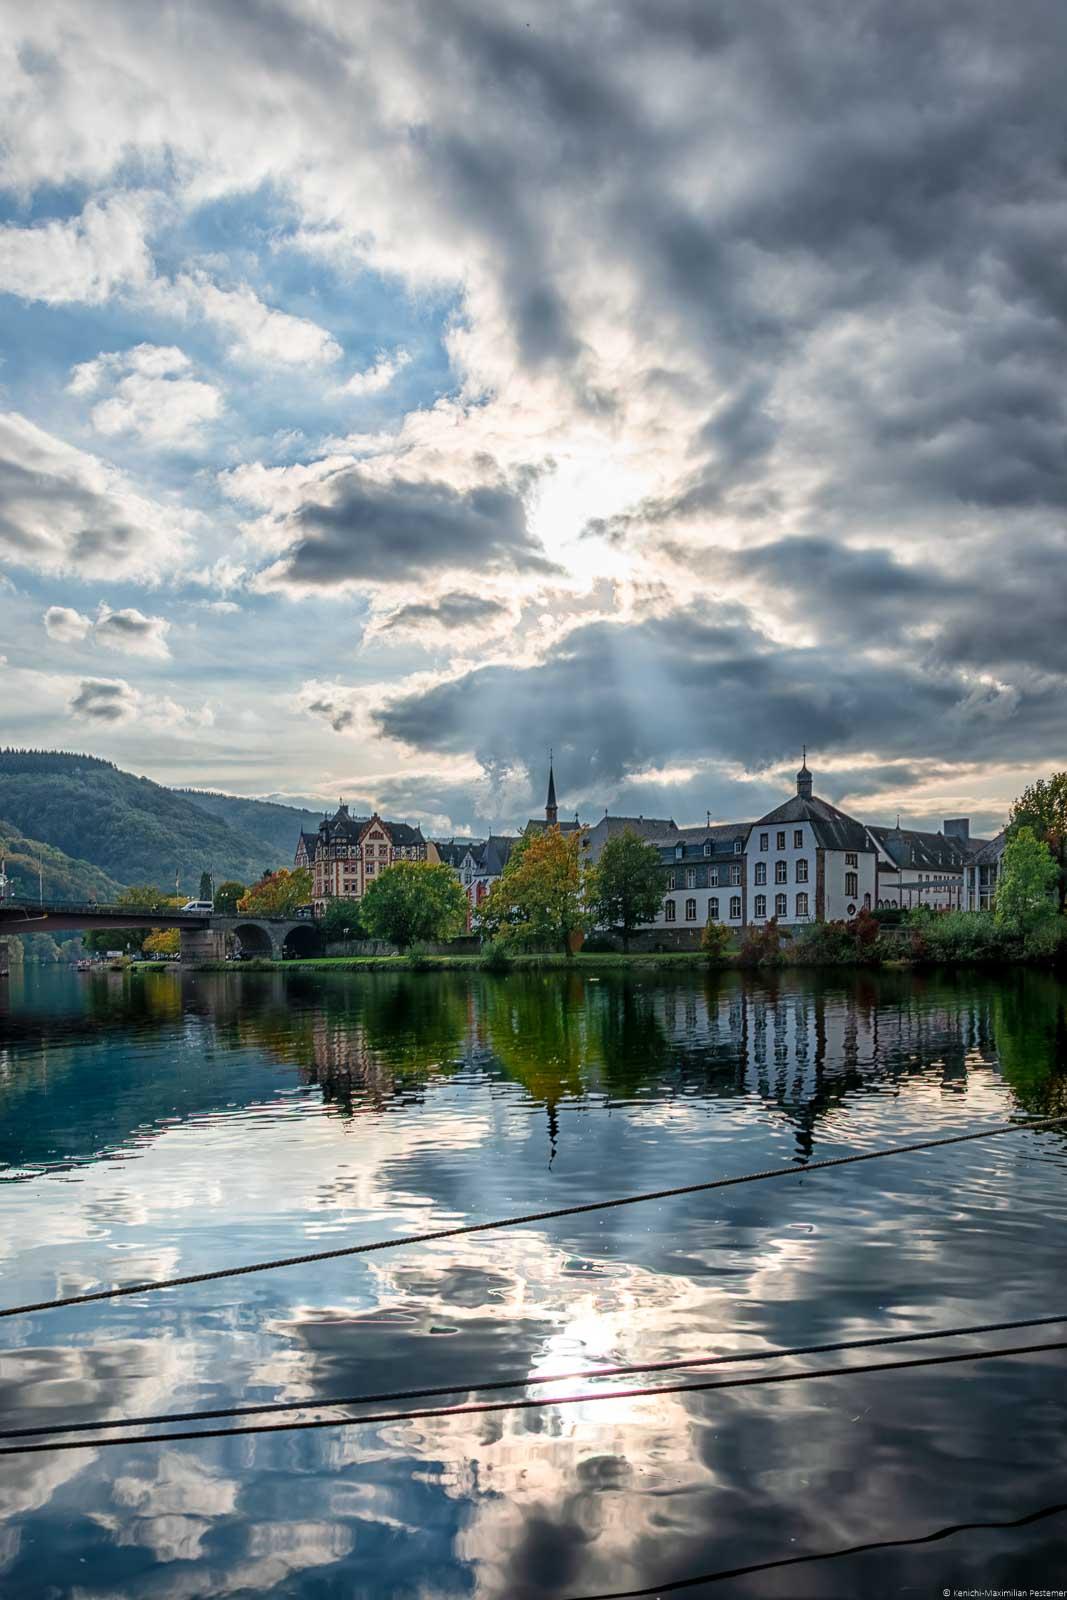 Im Vordergrund spiegelt sich das St. Nikolaus Hospital. Dieses ist auch als Cusanusstift bekannt und befindet sich am Ufer der Mosel in Bernkastel-Kues. Daneben erkennt man links in der Mitte eine Brücke und weitere Gebäude. Am hellen Himmel strahlt die Sonne durch die großen Wolken hindurch.